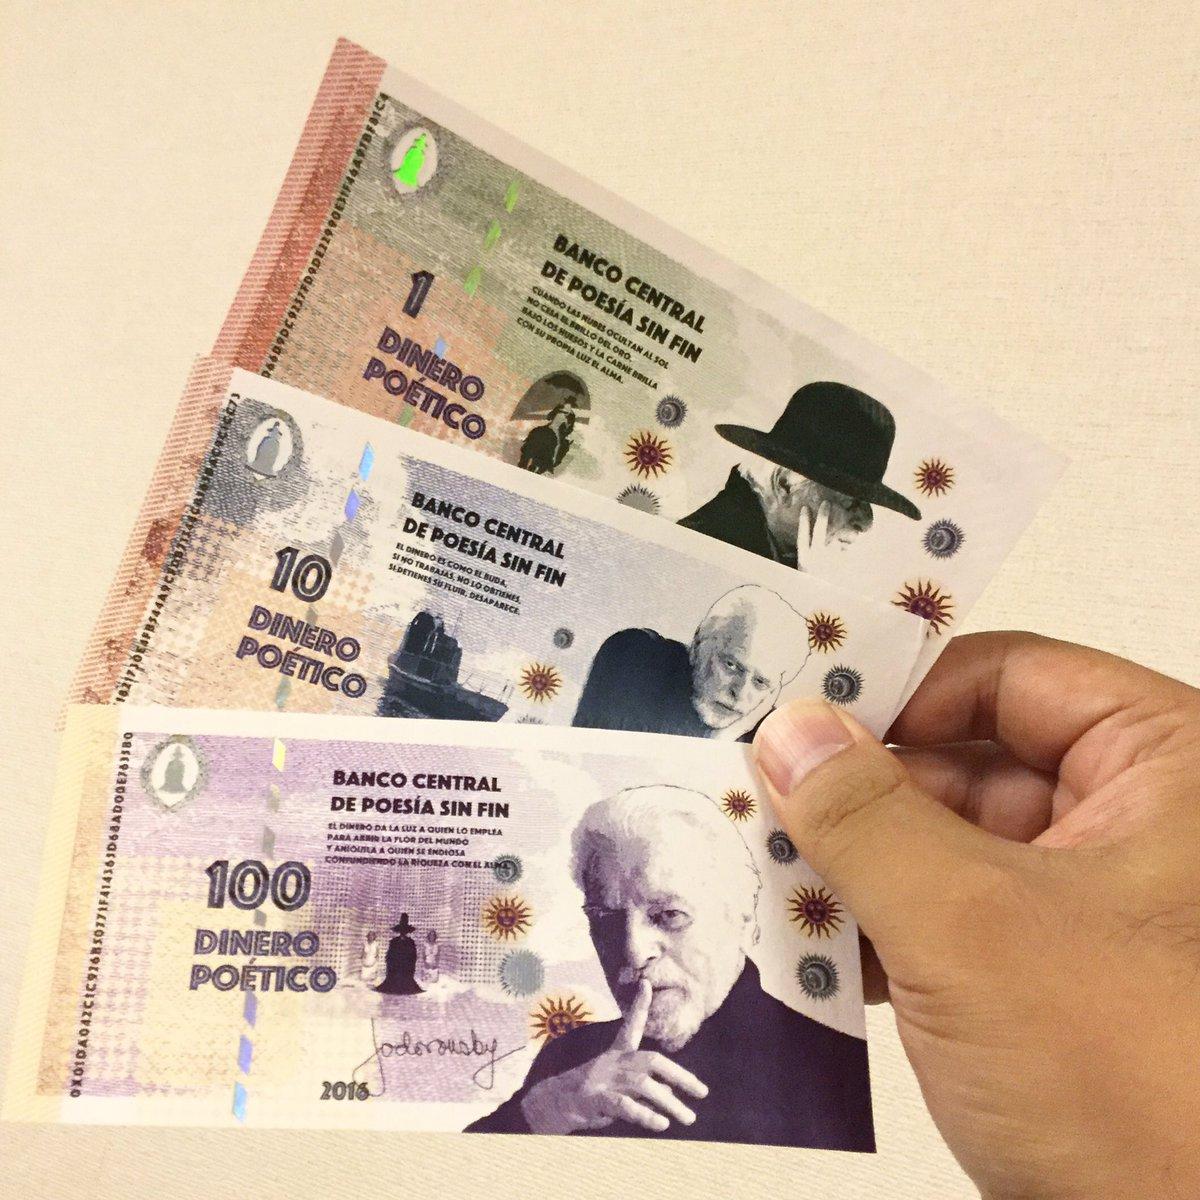 ホドロフスキー札が手元に届いた。単位は「DINERO POÉTICO 」。 https://t.co/sEJxFVj2oE